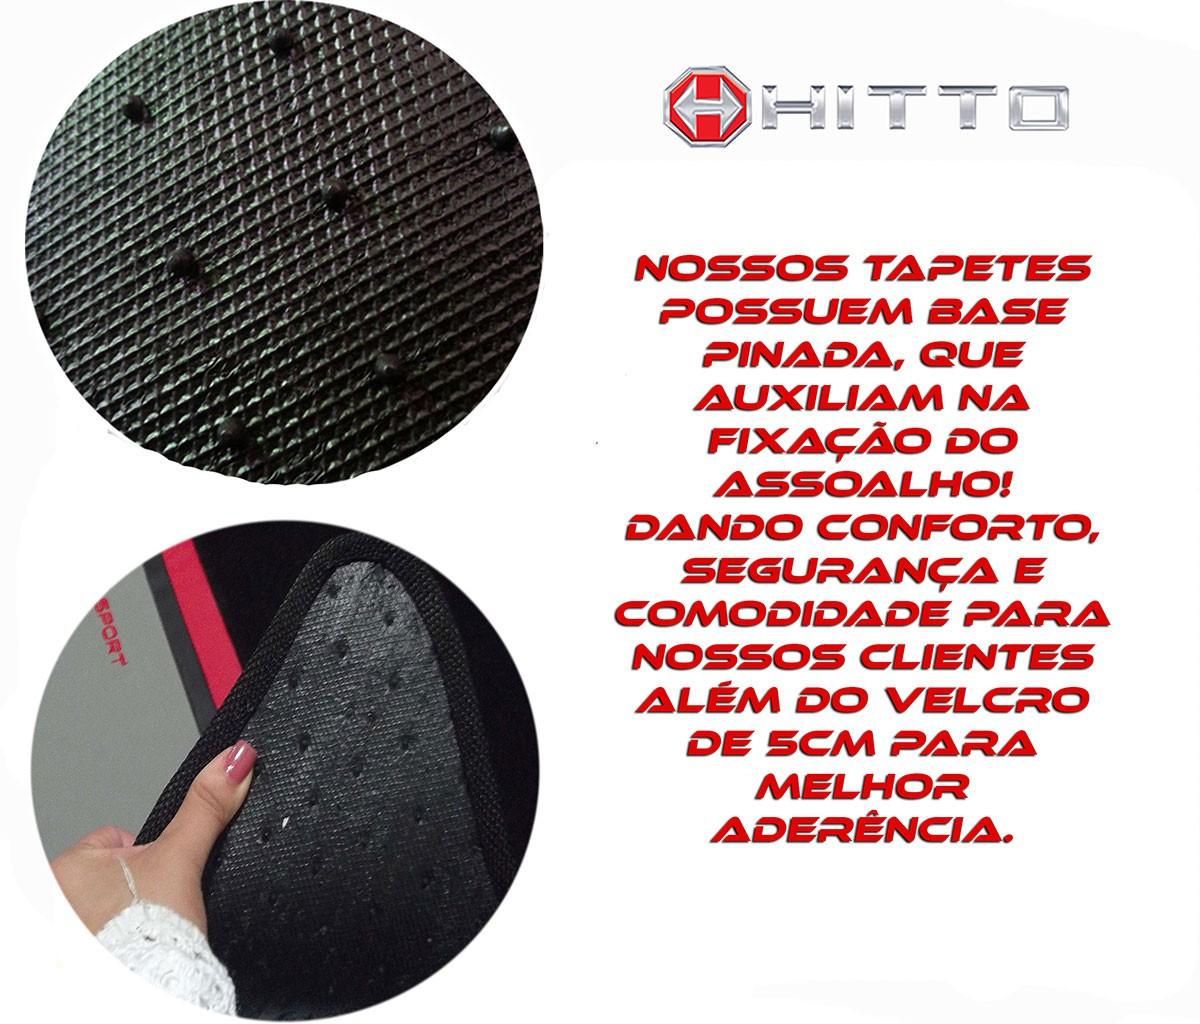 Kit Tapetes Assoalho + Porta Malas Duster Hitto O Melhor!